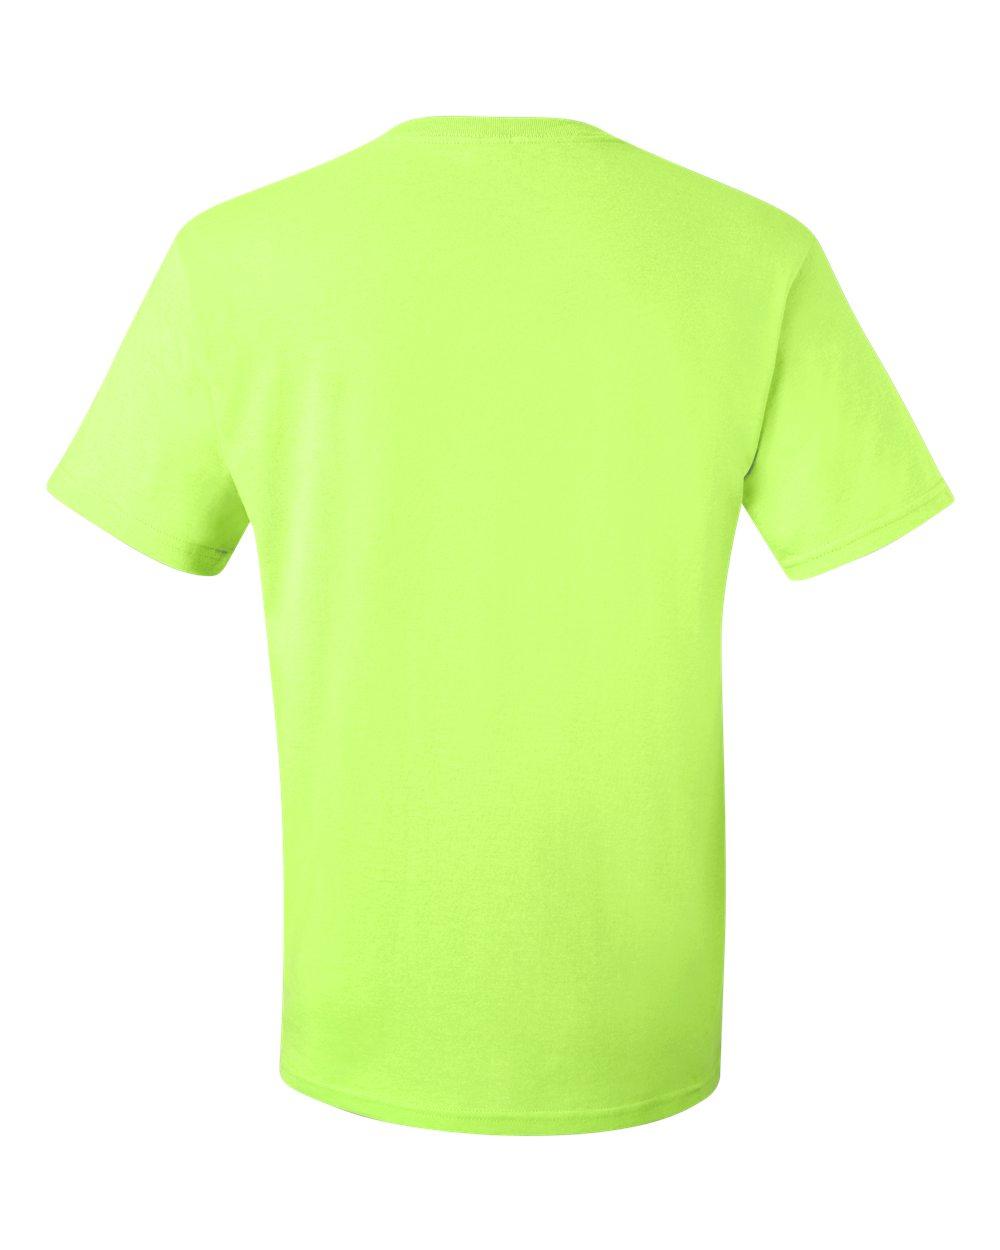 Jerzees-Men-039-s-5-6-oz-50-50-Heavyweight-Blend-T-Shirt-29M-S-4XL thumbnail 22